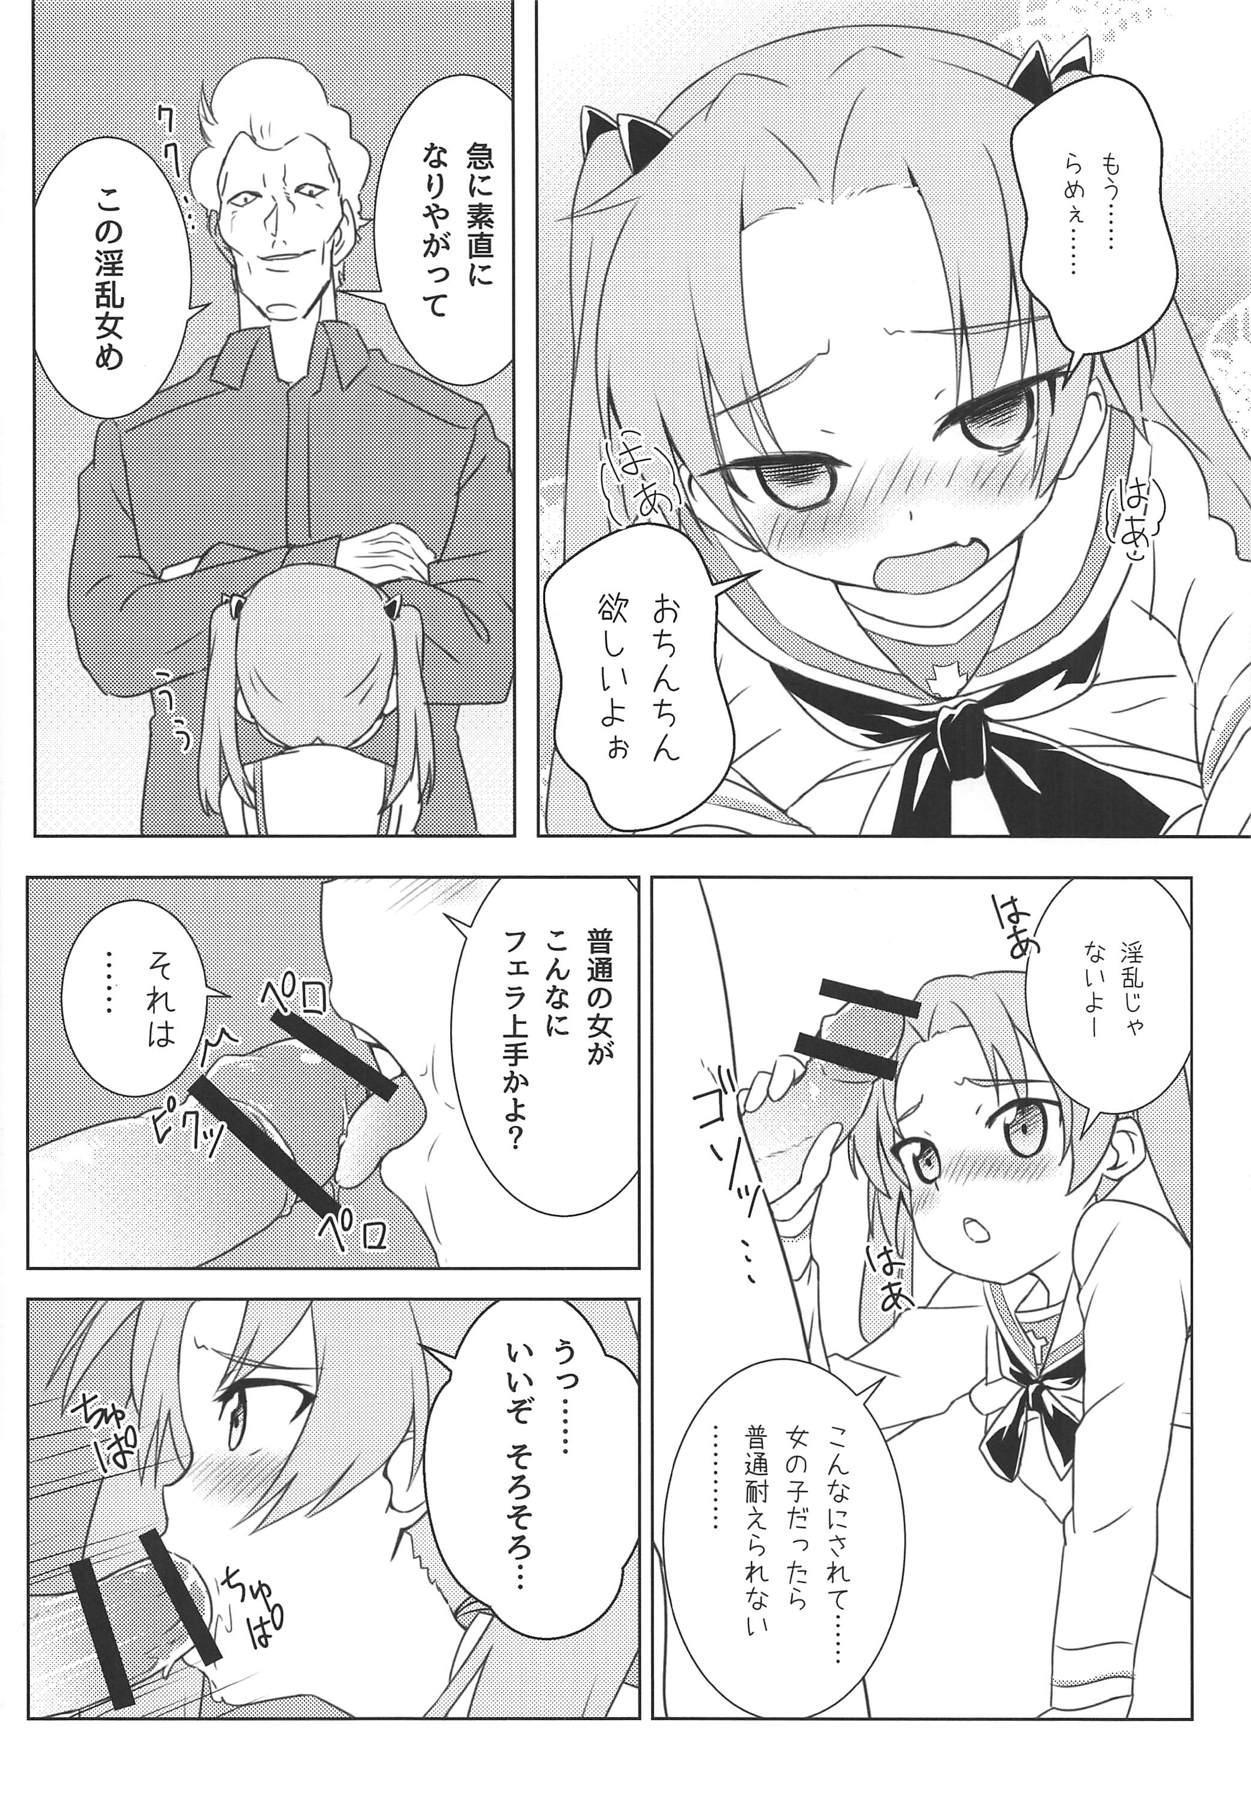 Kaichou no Shiseikatsu 10